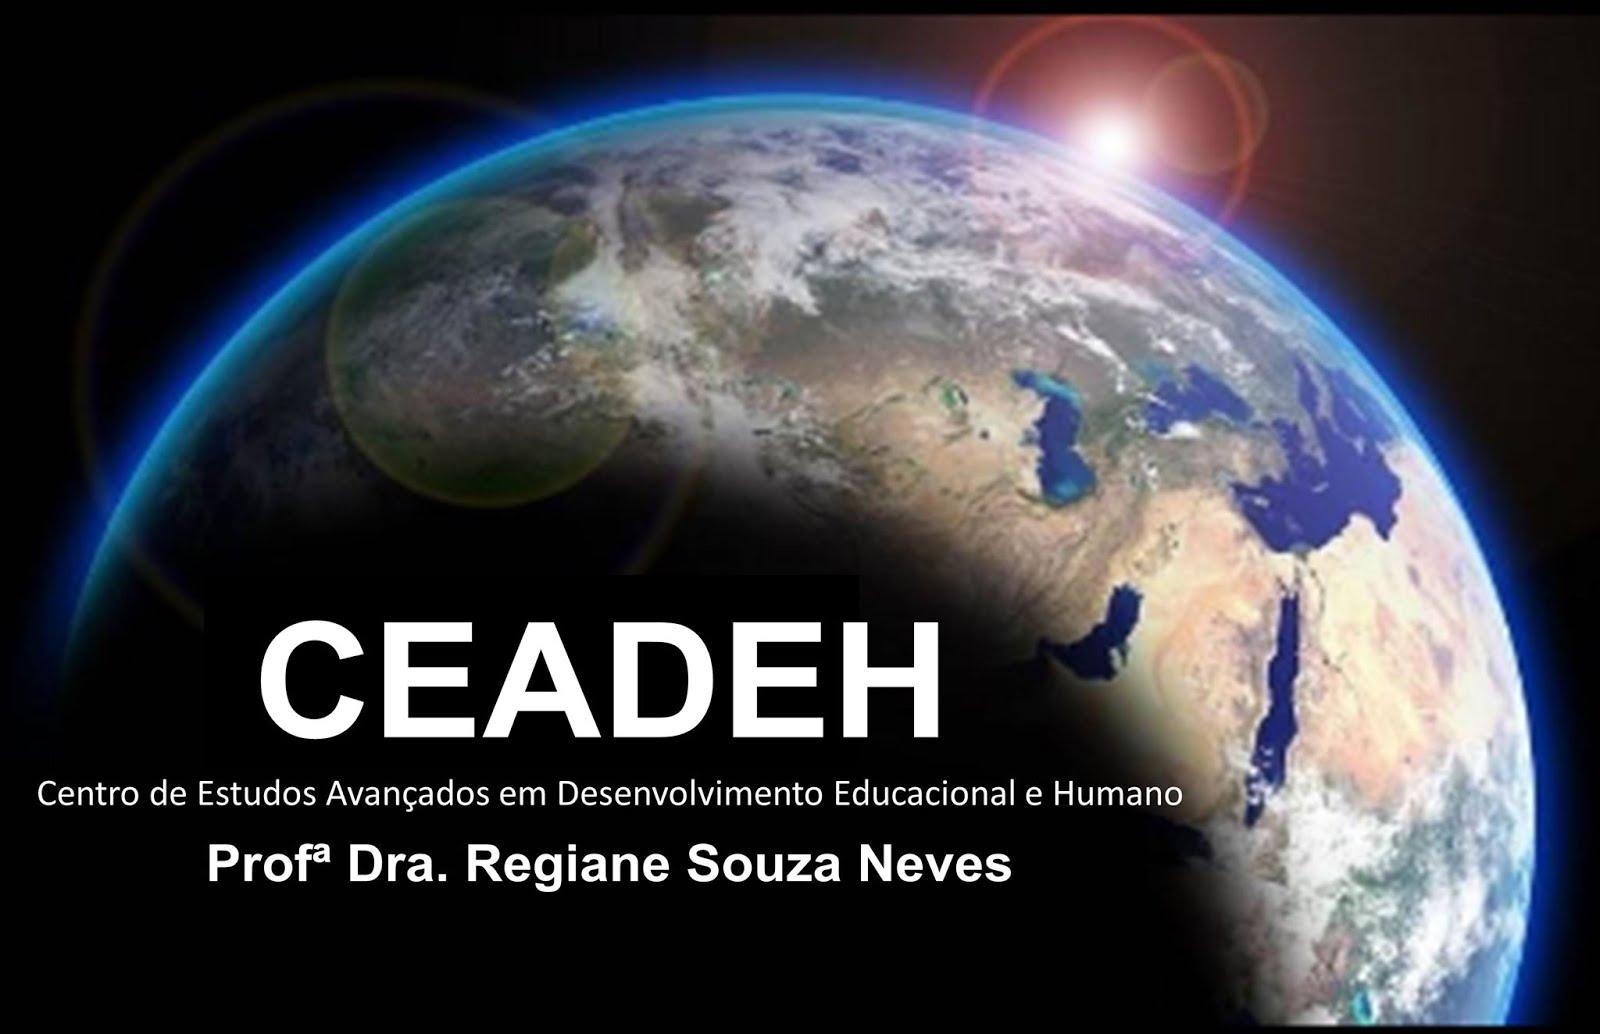 Clique na imagem para conhecer o CEADEH